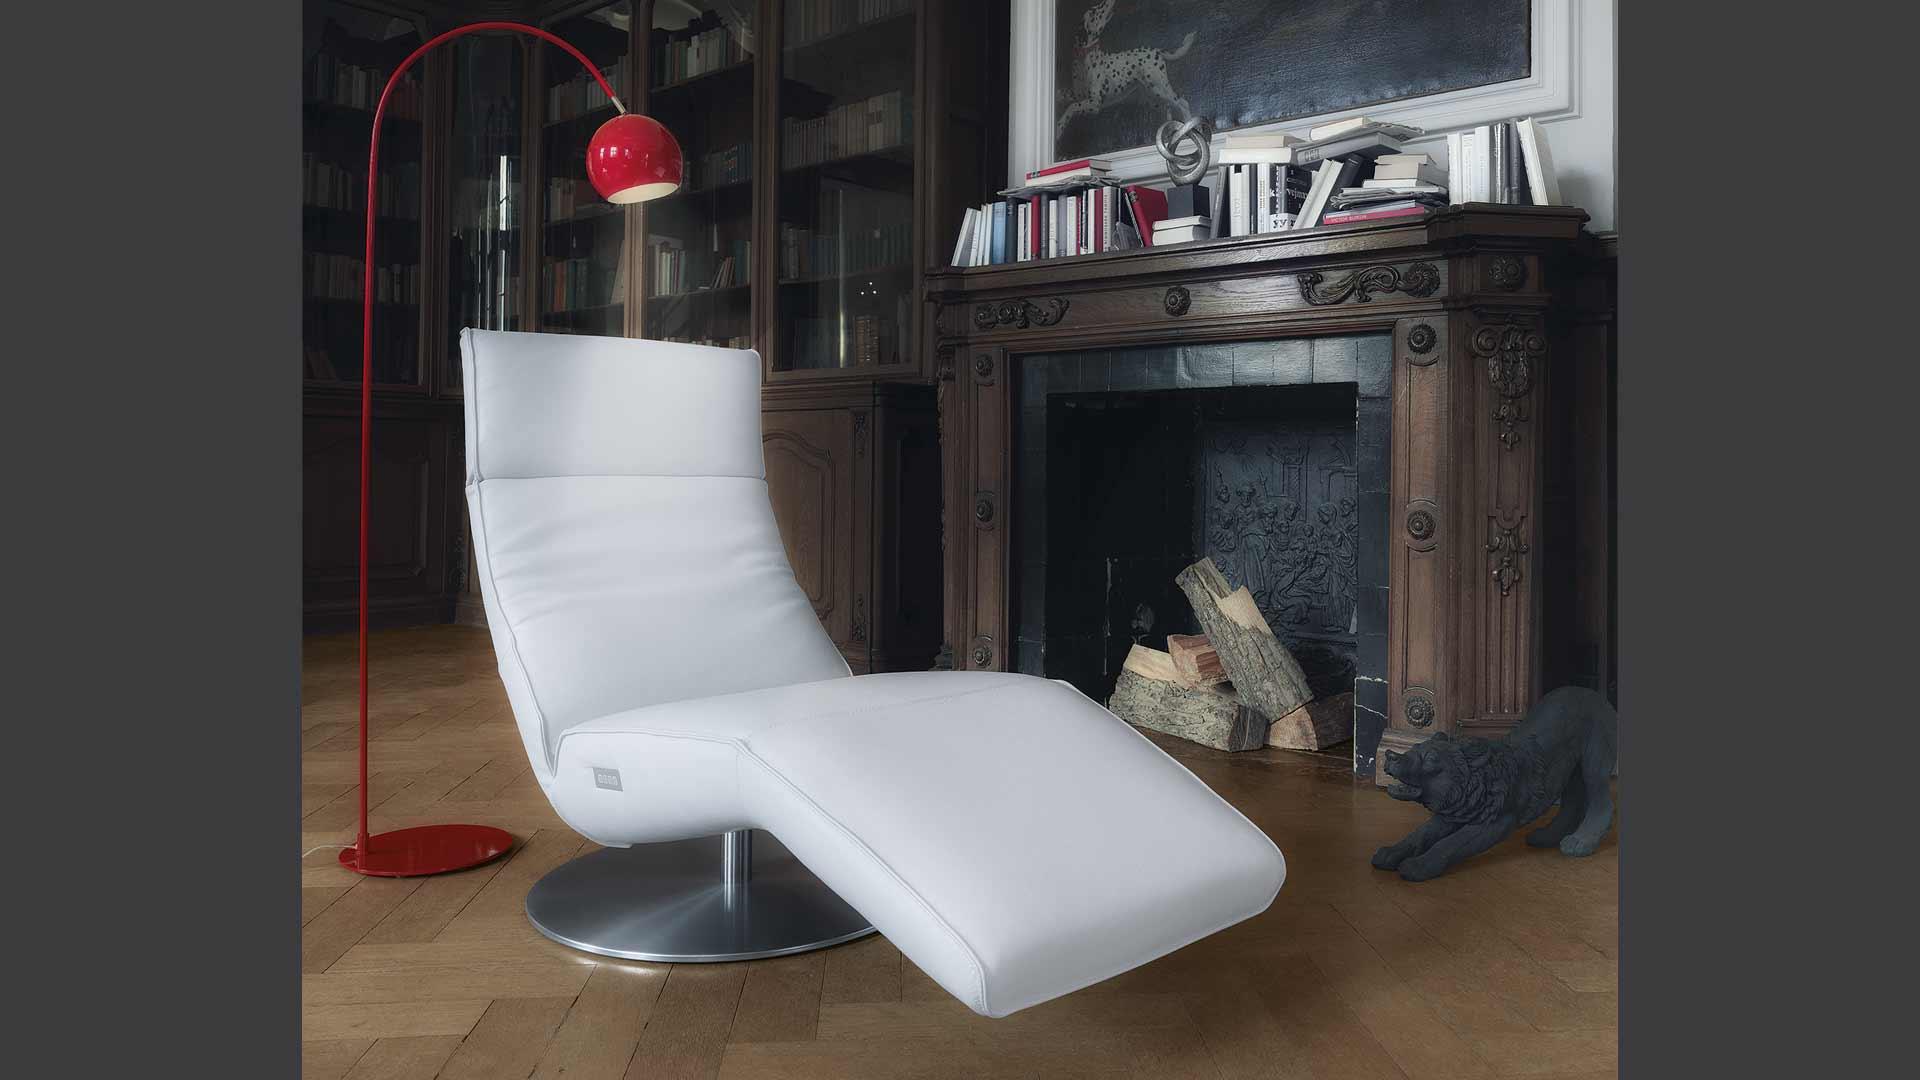 contur girona von contur einrichtungen in maisach bei m chen starnberg f rstenfeldbruck dachau. Black Bedroom Furniture Sets. Home Design Ideas